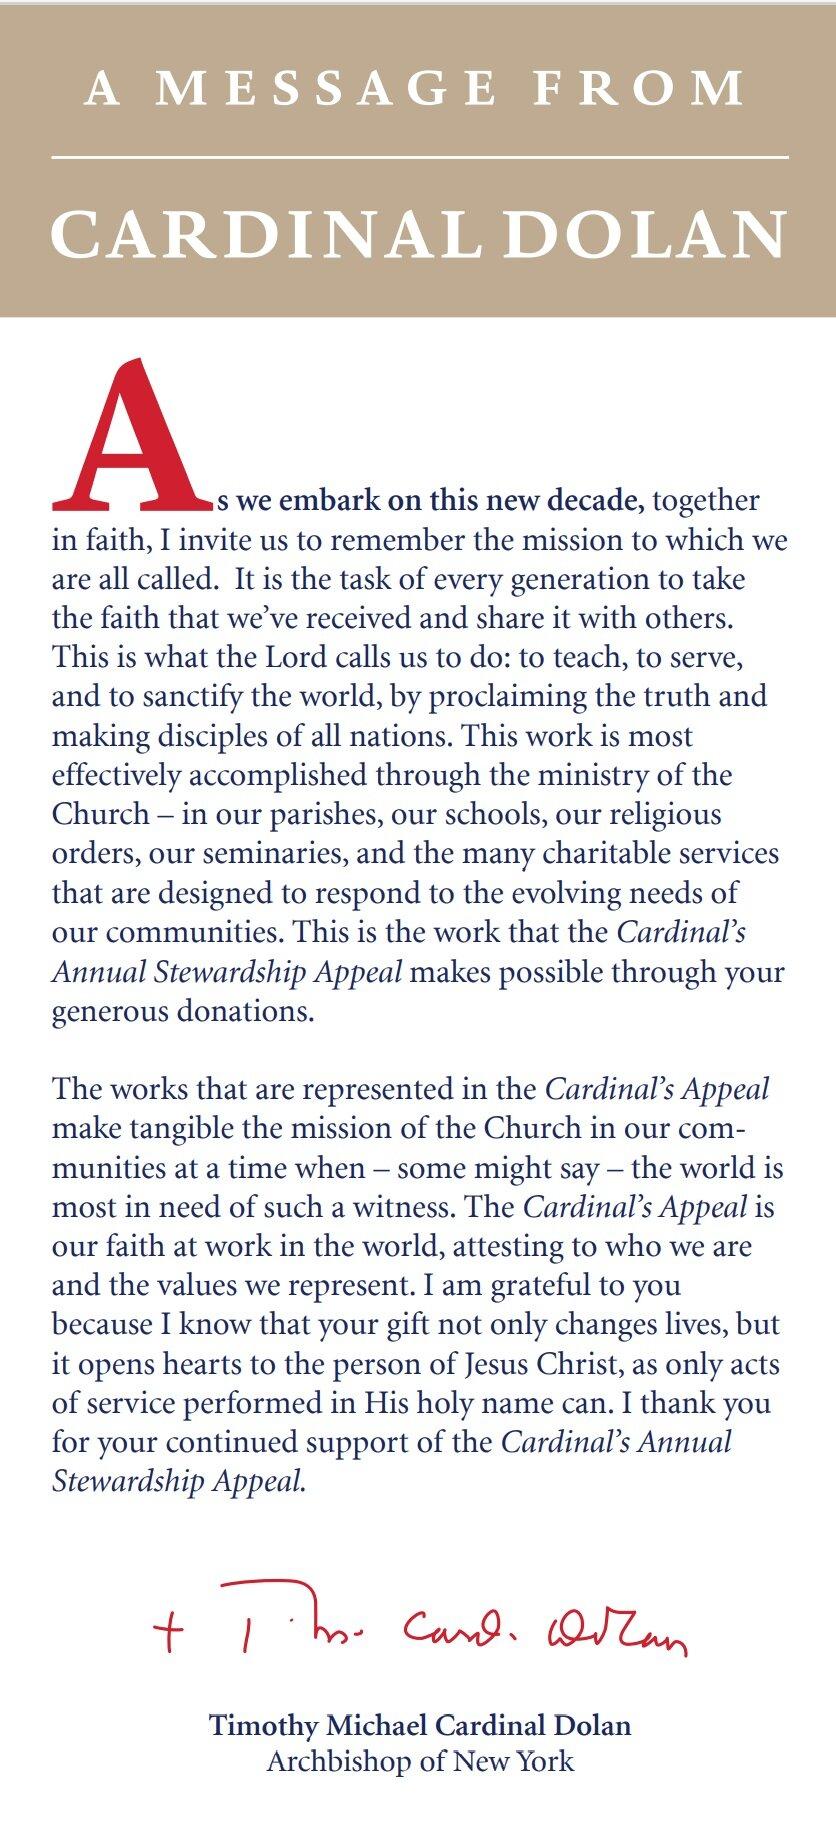 A message from Cardinal Dolan.jpg